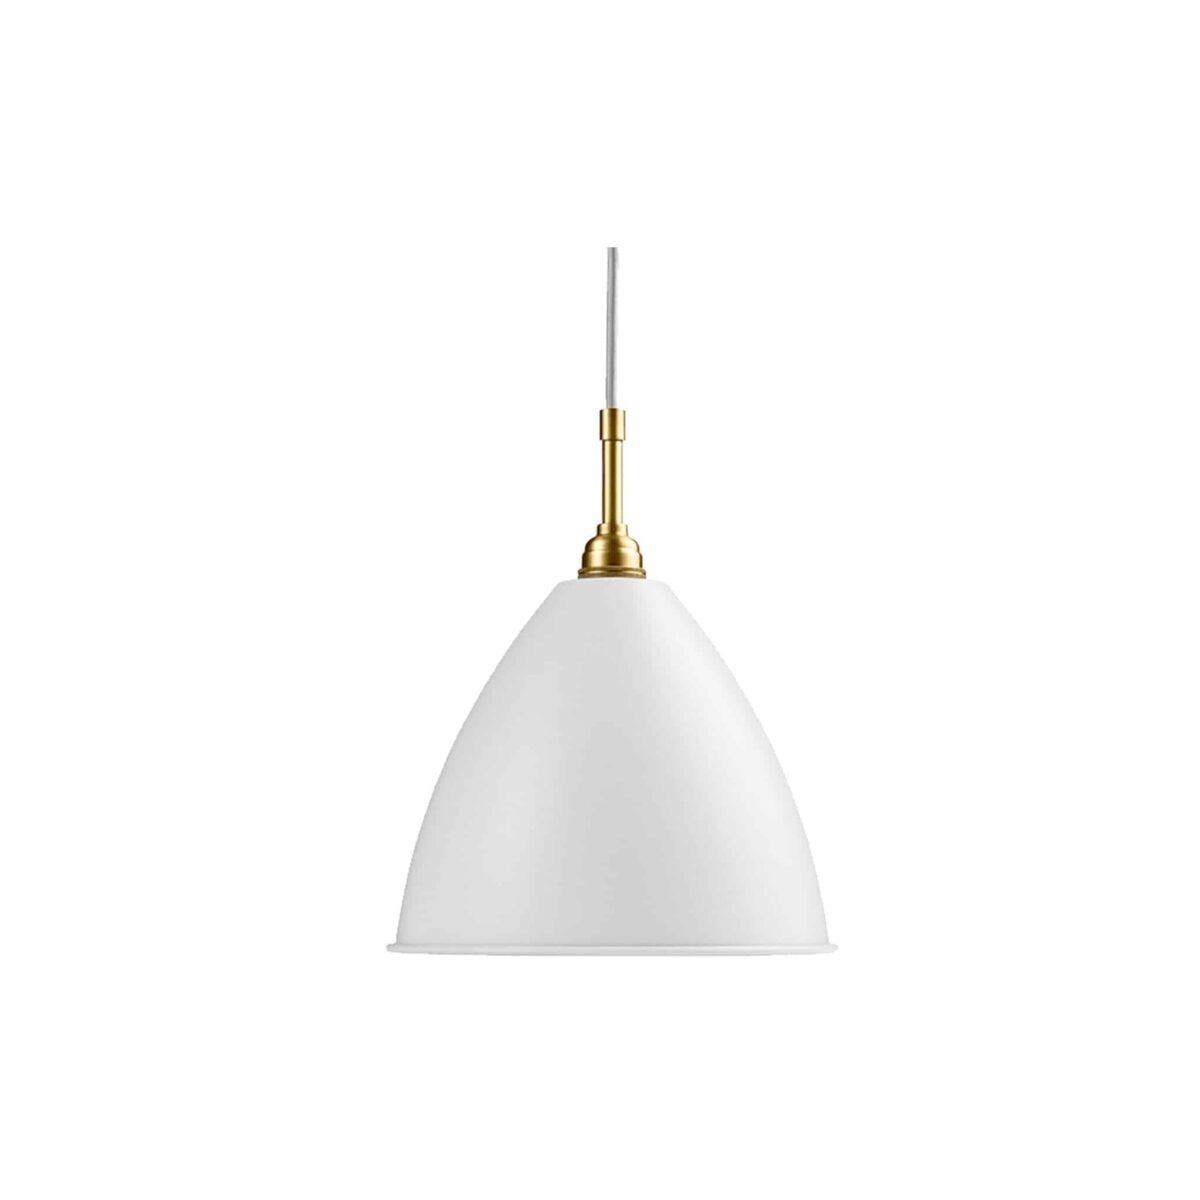 gubi-bestlite-bl9m-pendant-matt-white-brass-001